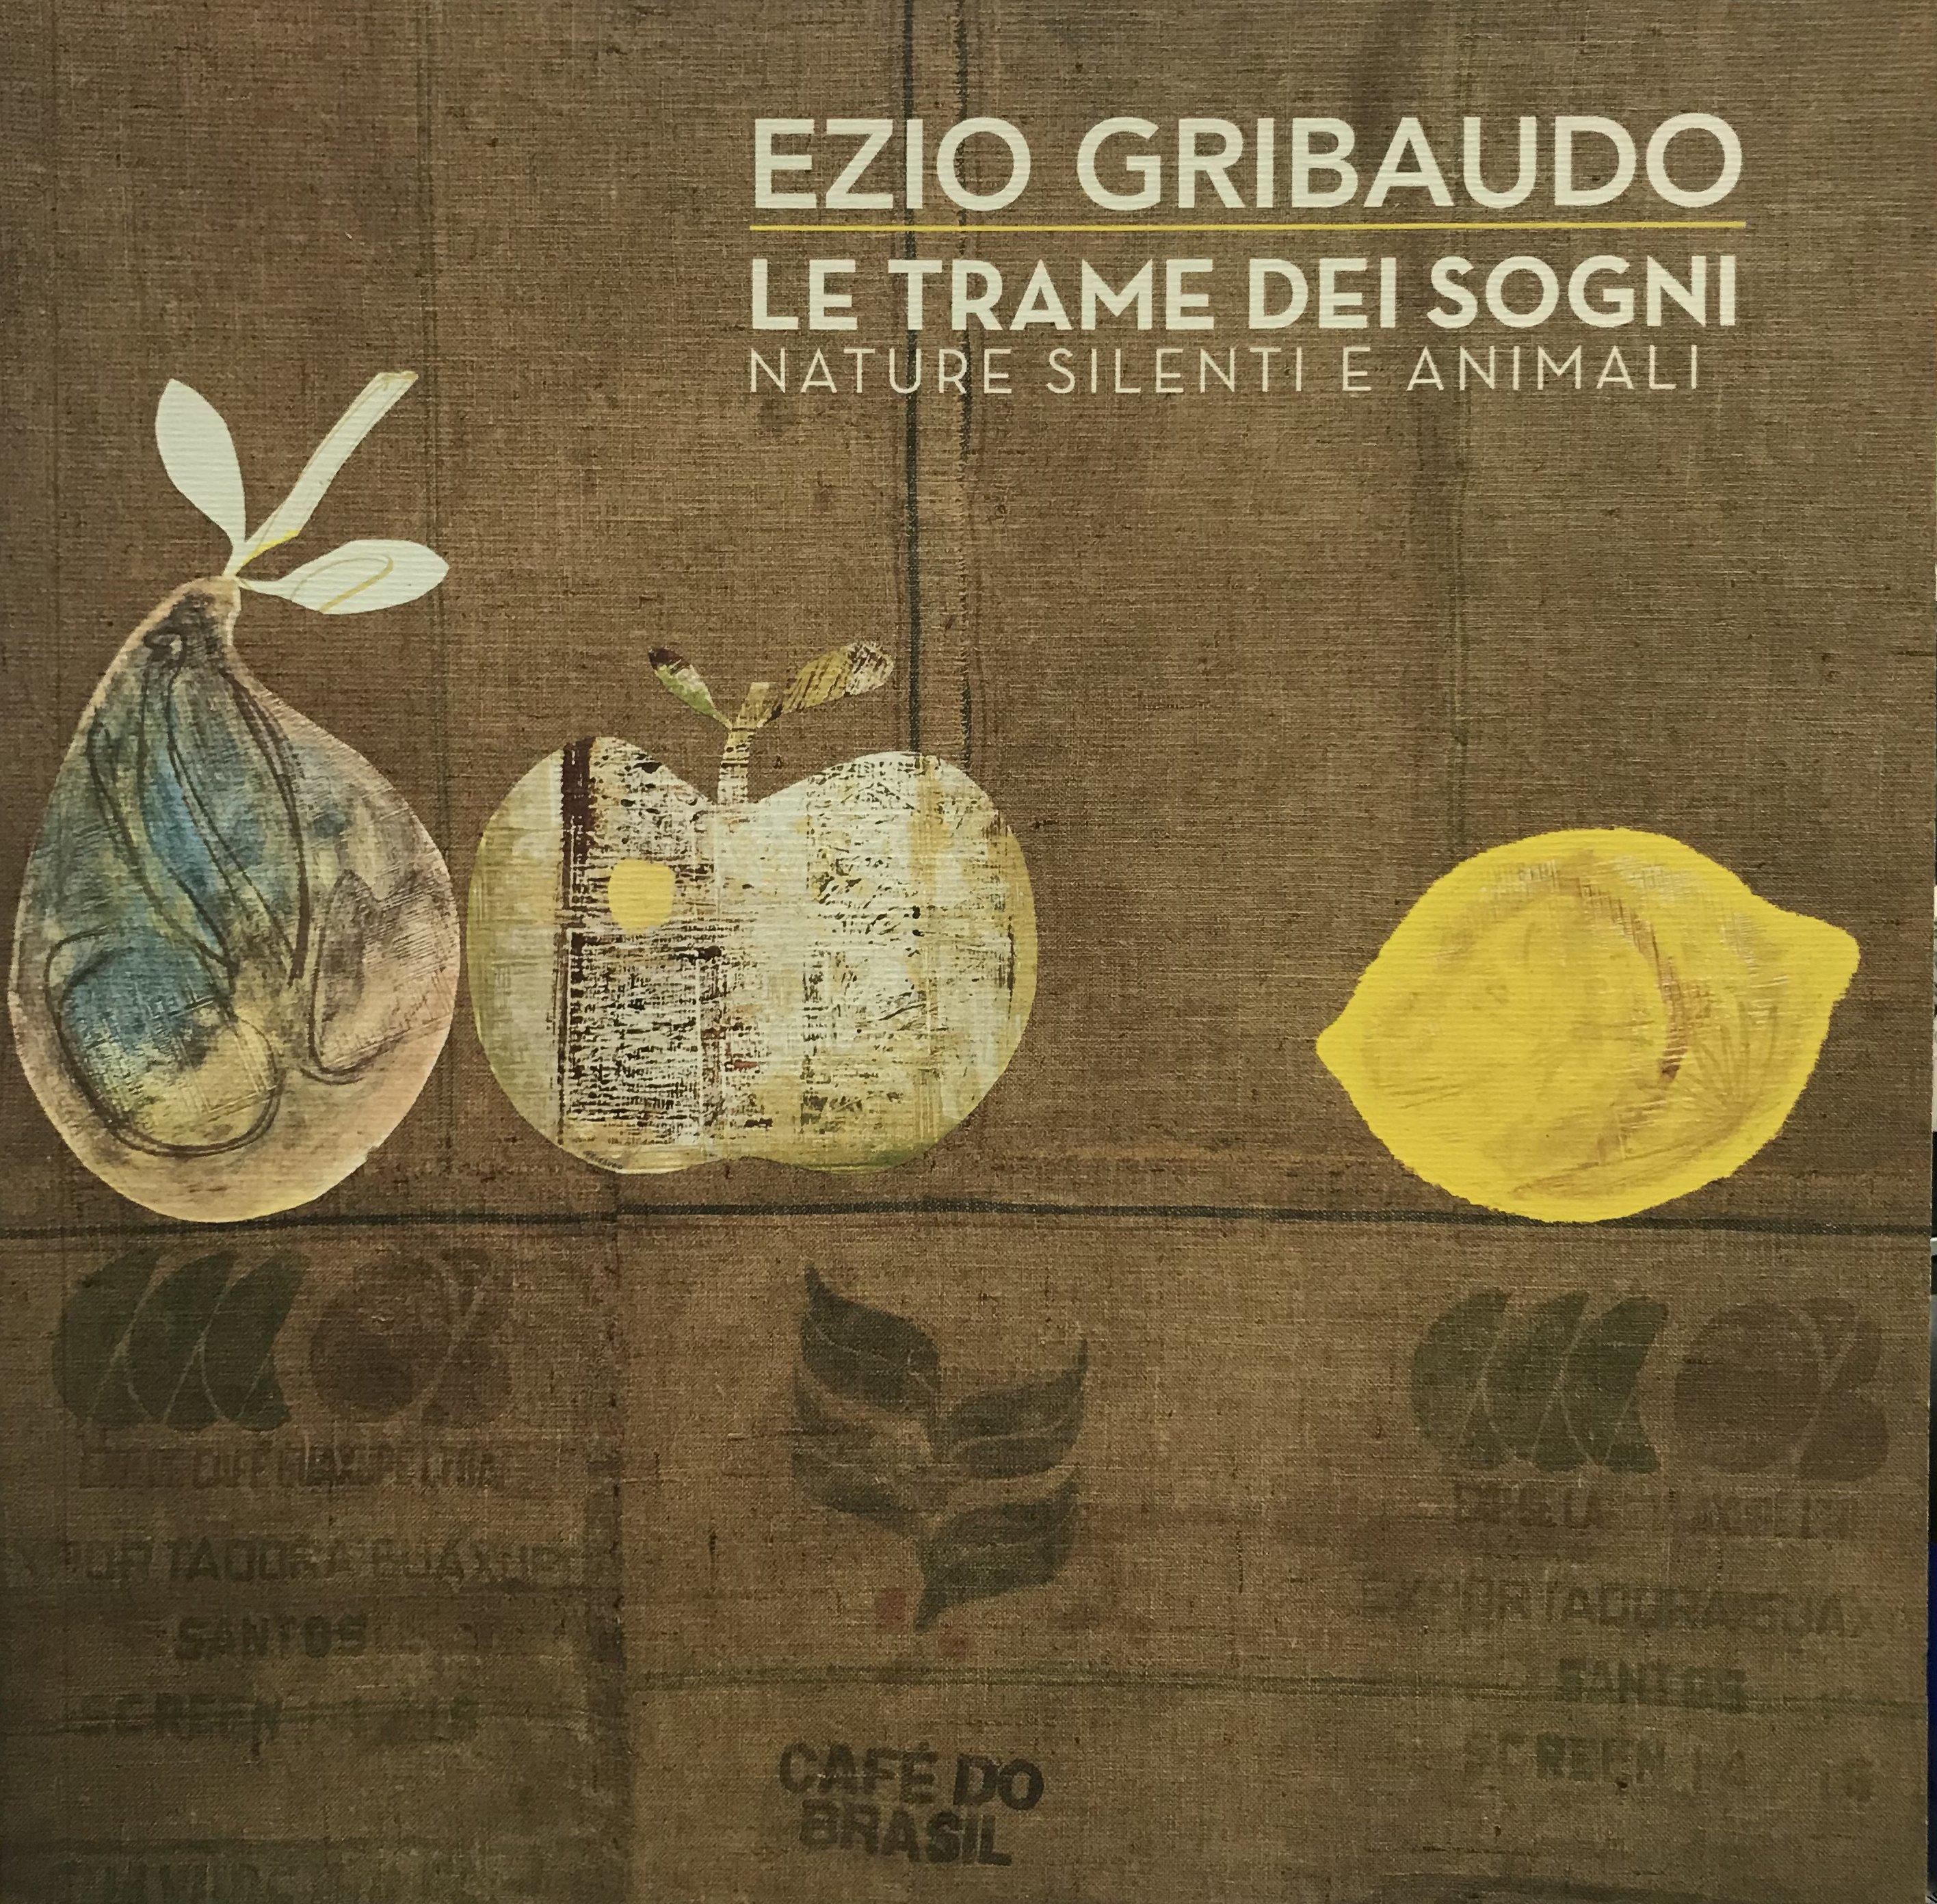 Ezio Gribaudo. Le trame dei sogni. Nature silenti e animali